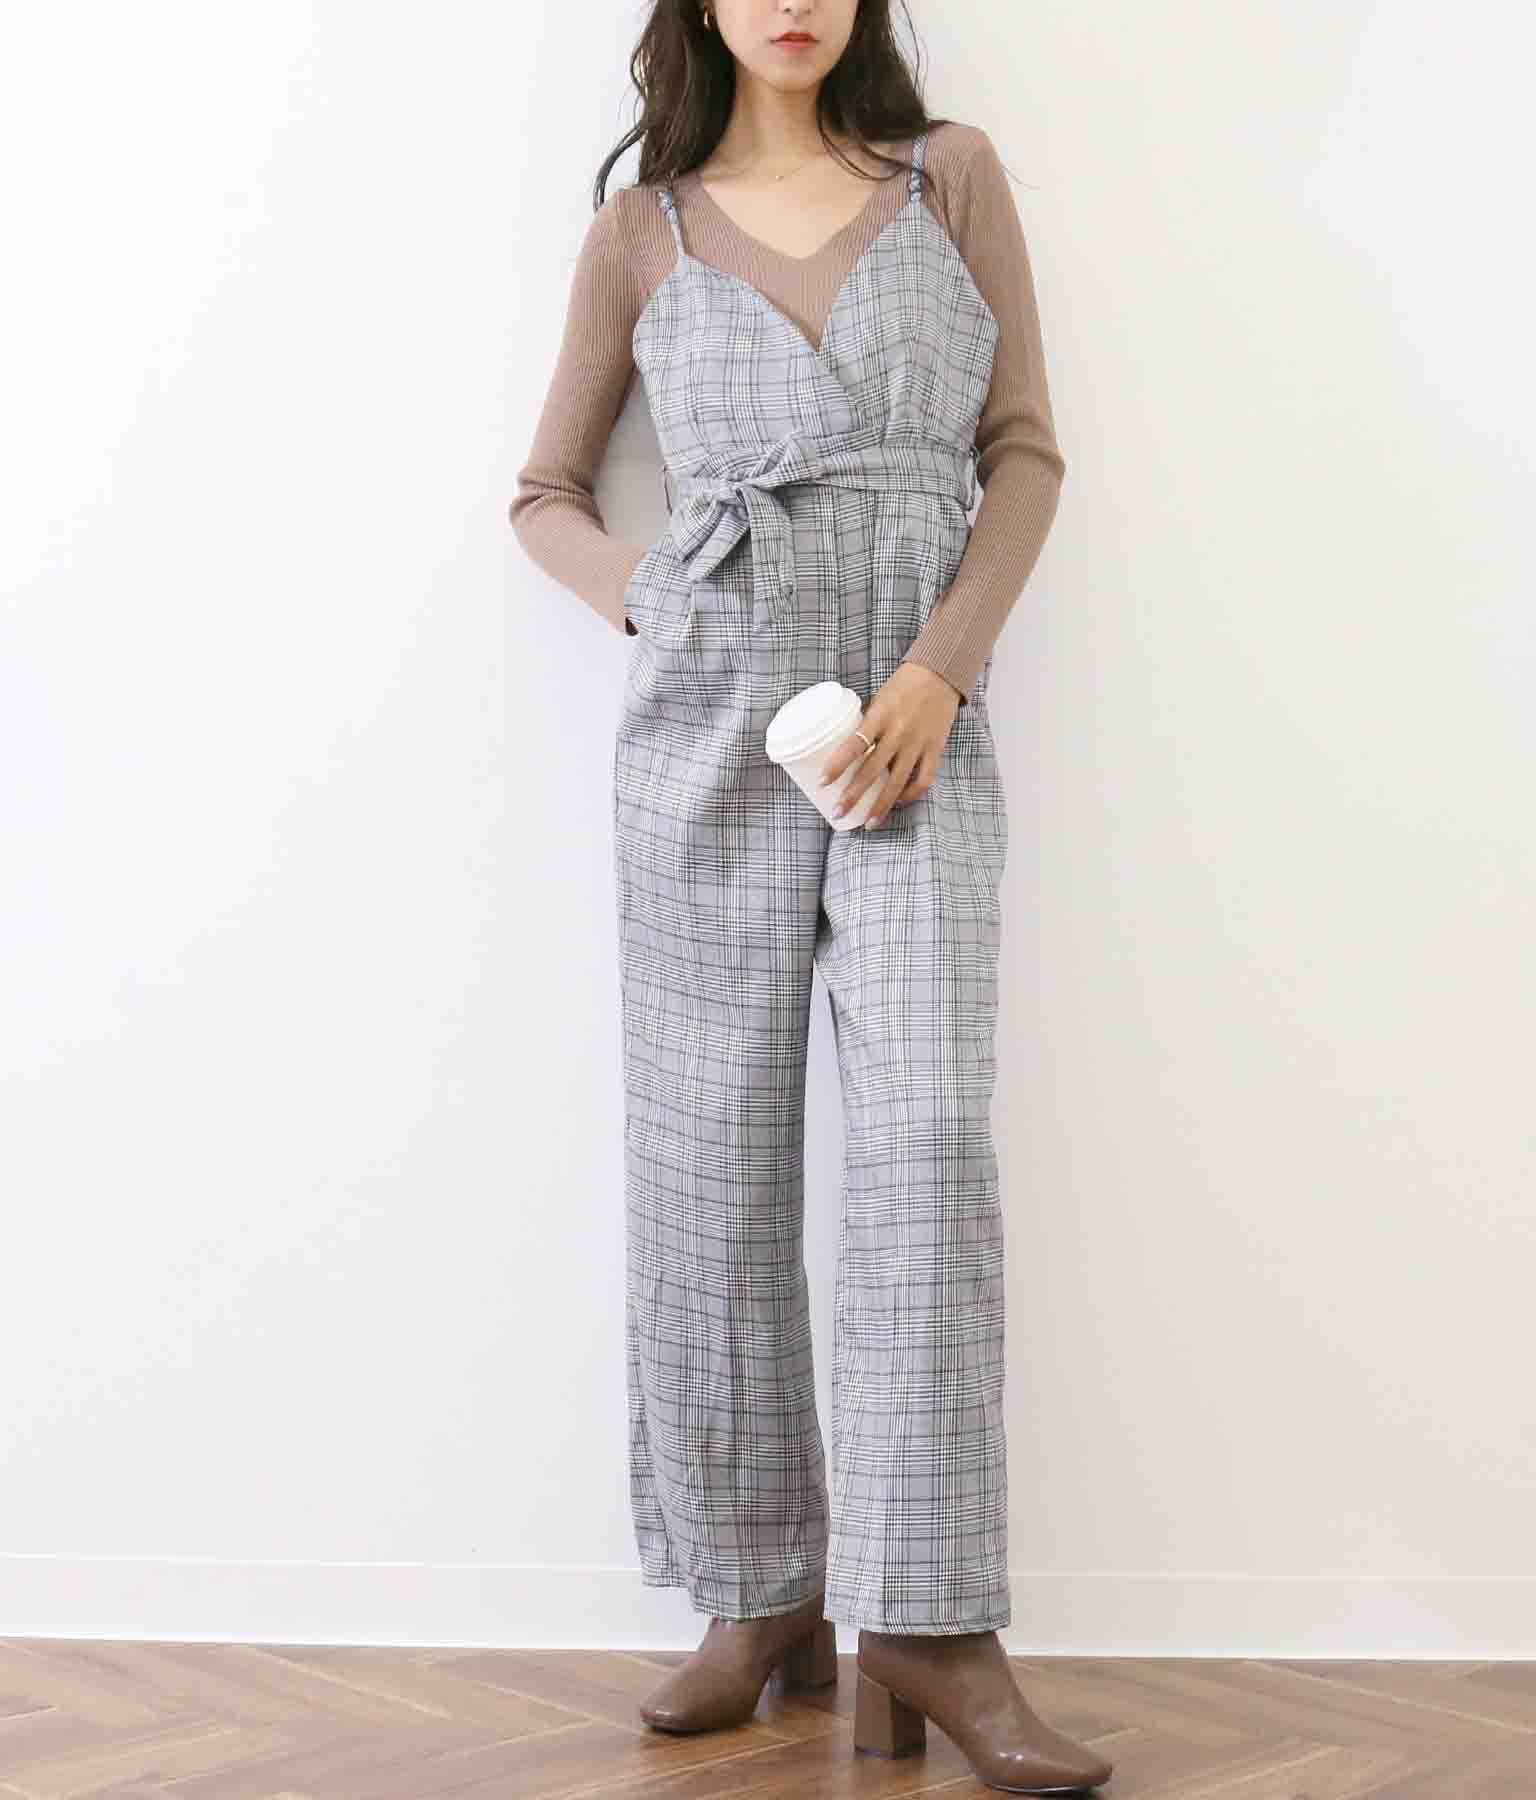 カラーグレンチェックキャミソールオールインワン(ワンピース・ドレス/サロペット/オールインワン)   CHILLE